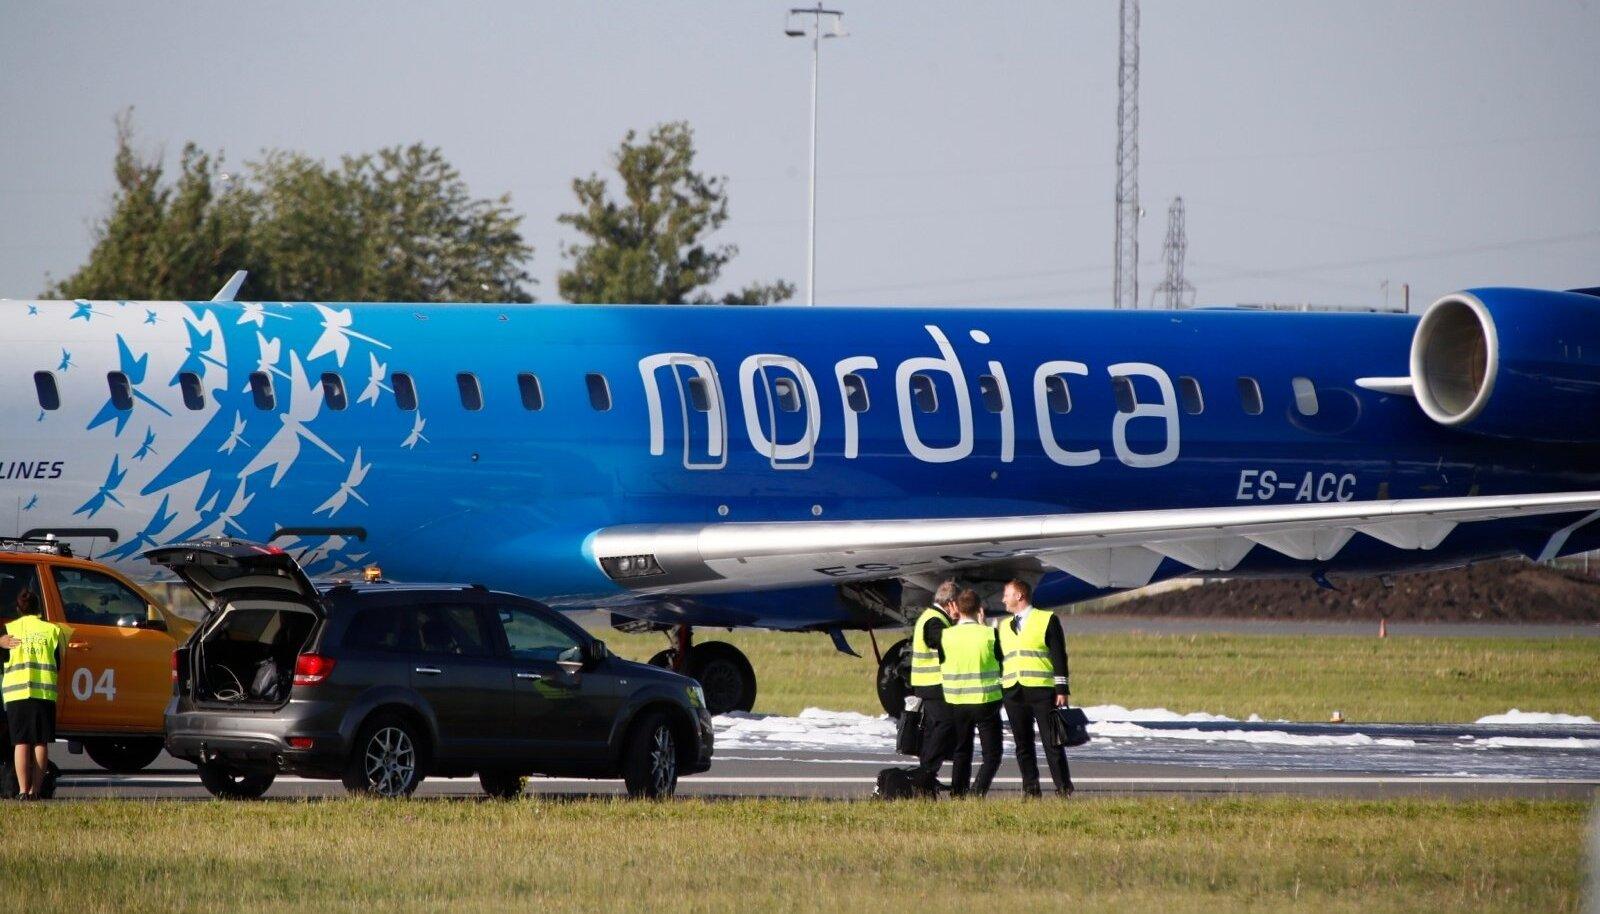 Nordica reisilennuk pidi tehnilise rikke tõttu otsa ümber pöörama.